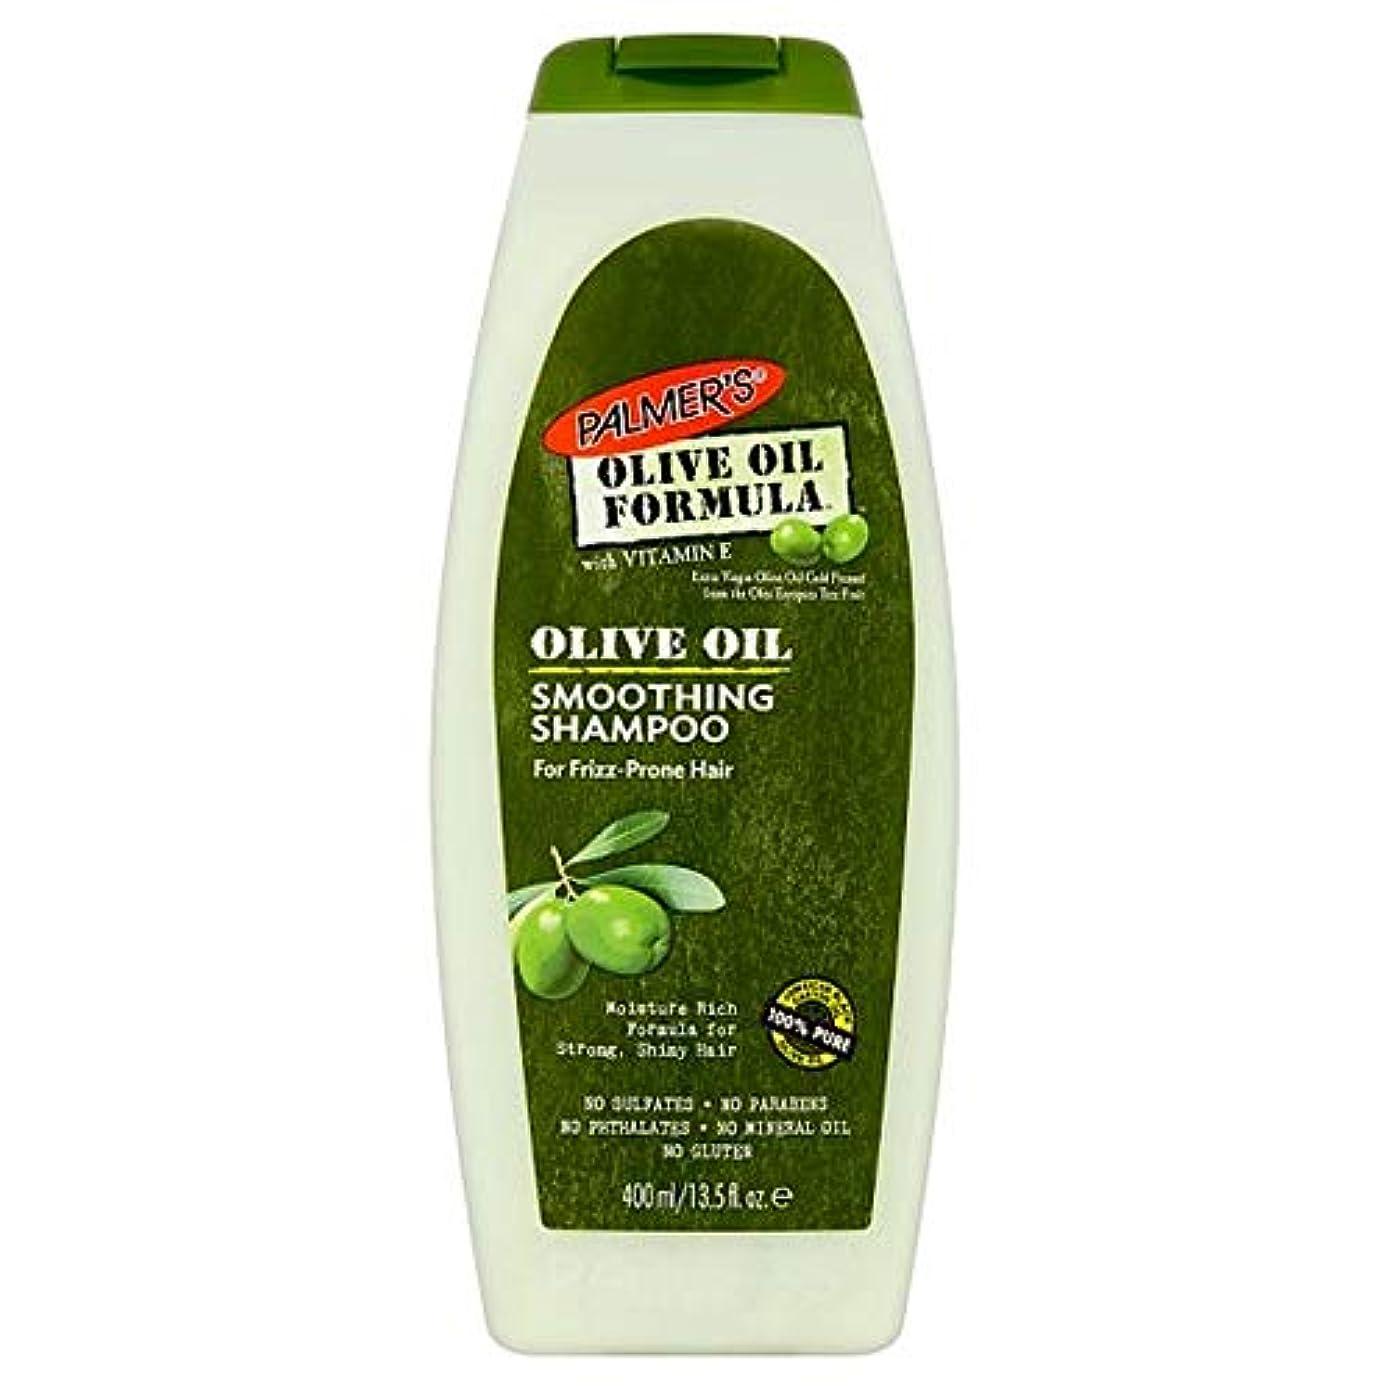 再びクラフト刈る[Palmer's] パーマーのオリーブオイルシャンプー400ミリリットル - Palmer's Olive Oil Shampoo 400Ml [並行輸入品]